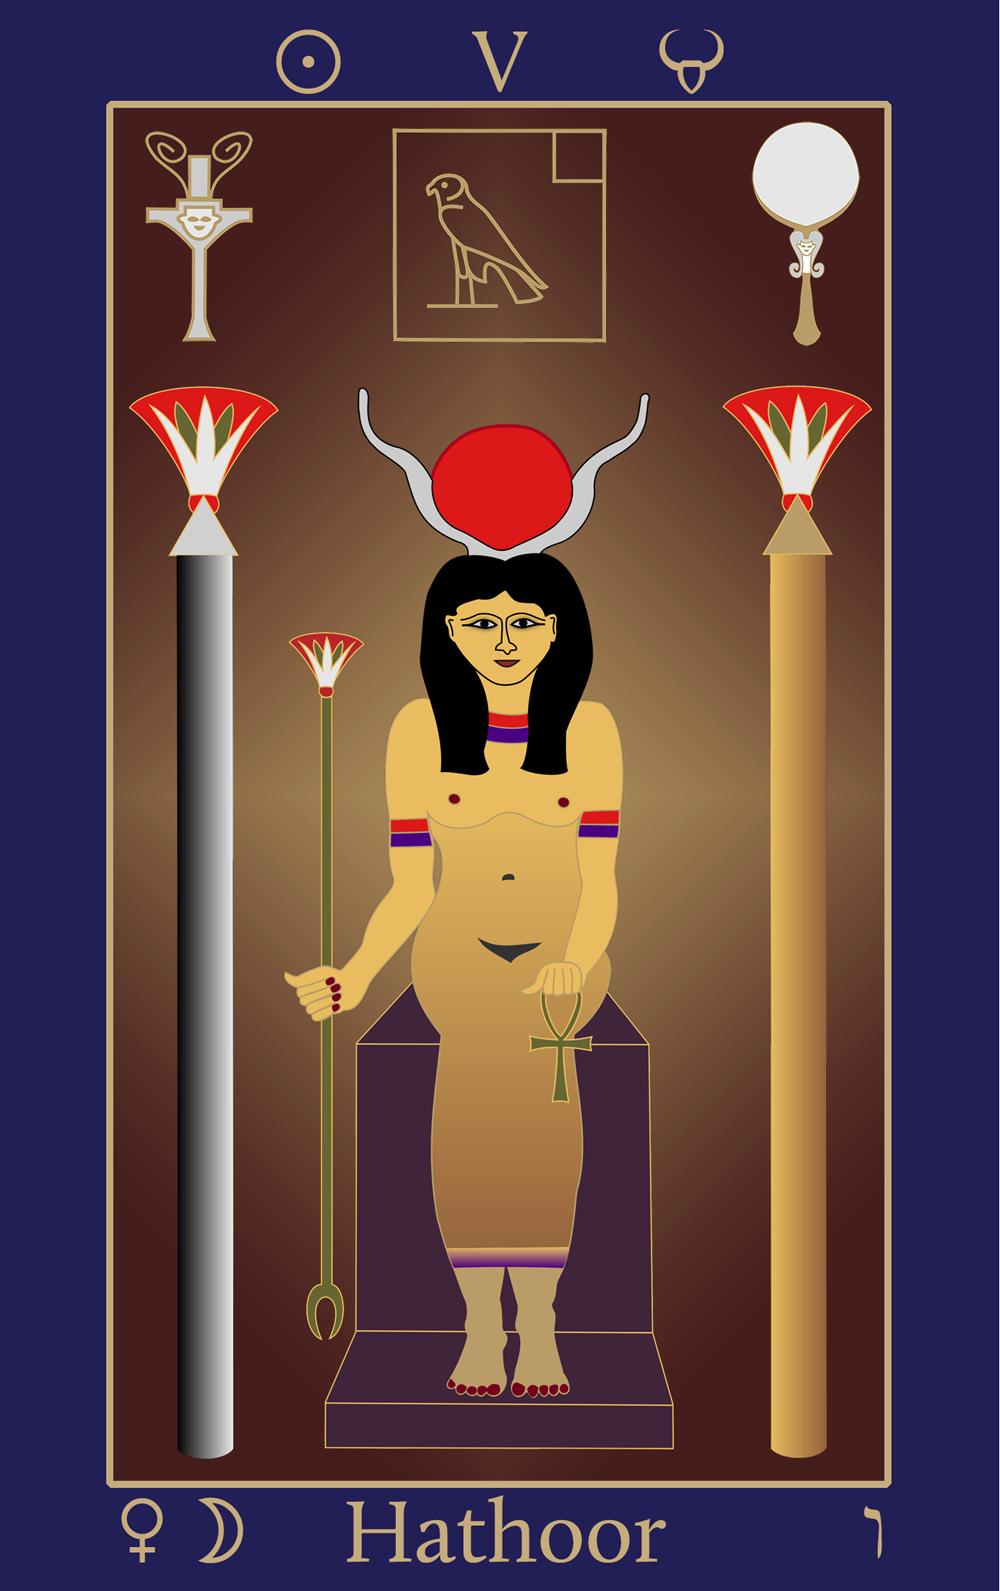 Taurus: Egyptian Tarot of Thelema Hathoor V